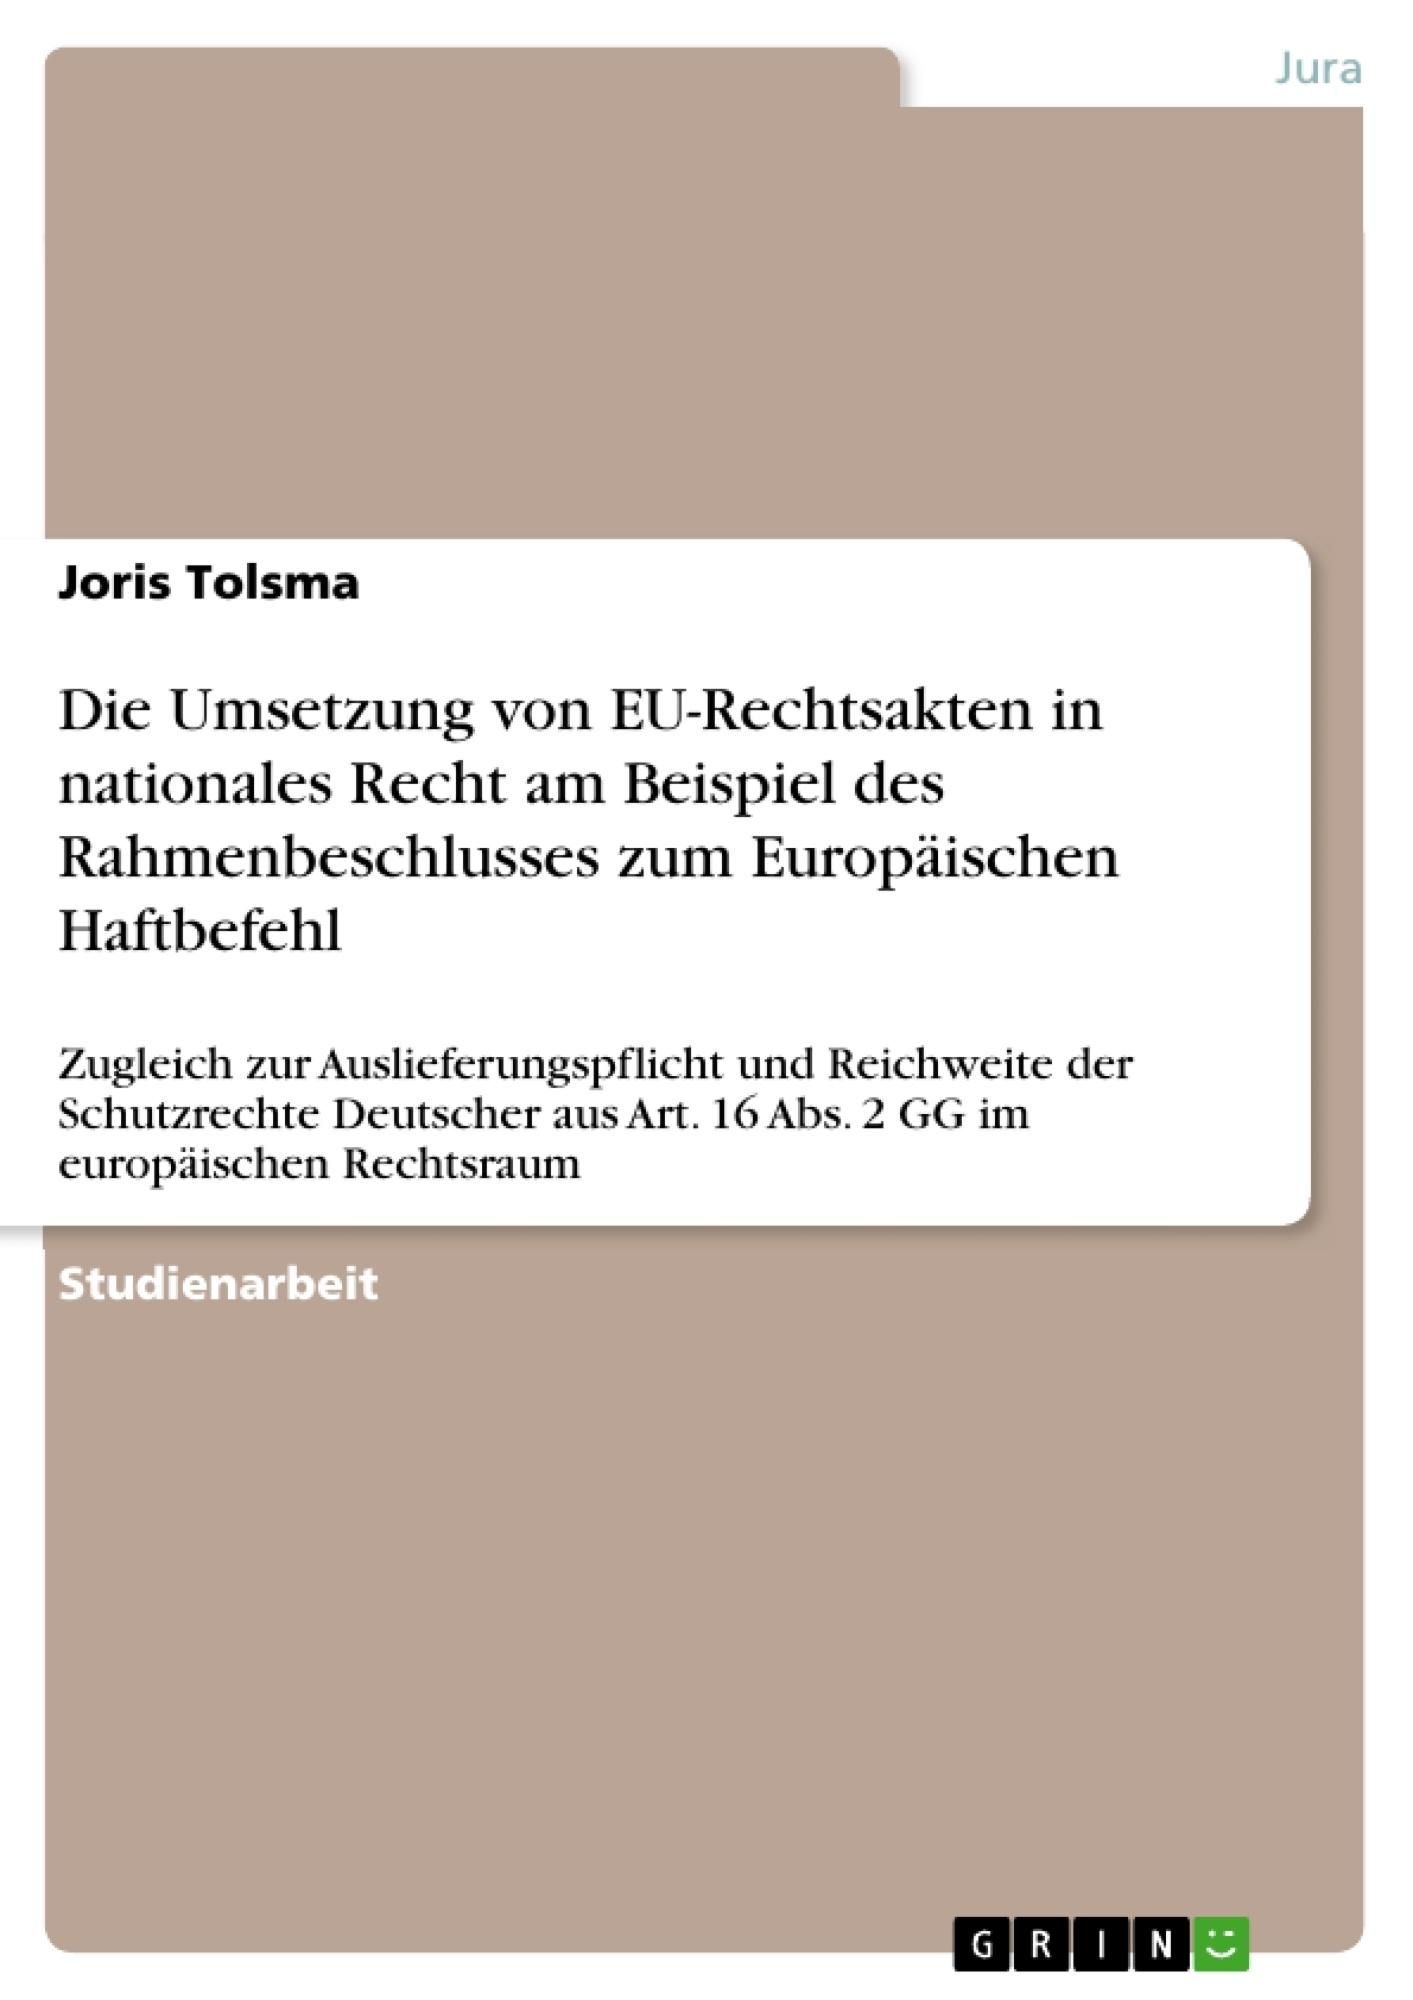 Titel: Die Umsetzung von EU-Rechtsakten in nationales Recht am Beispiel des Rahmenbeschlusses zum Europäischen Haftbefehl